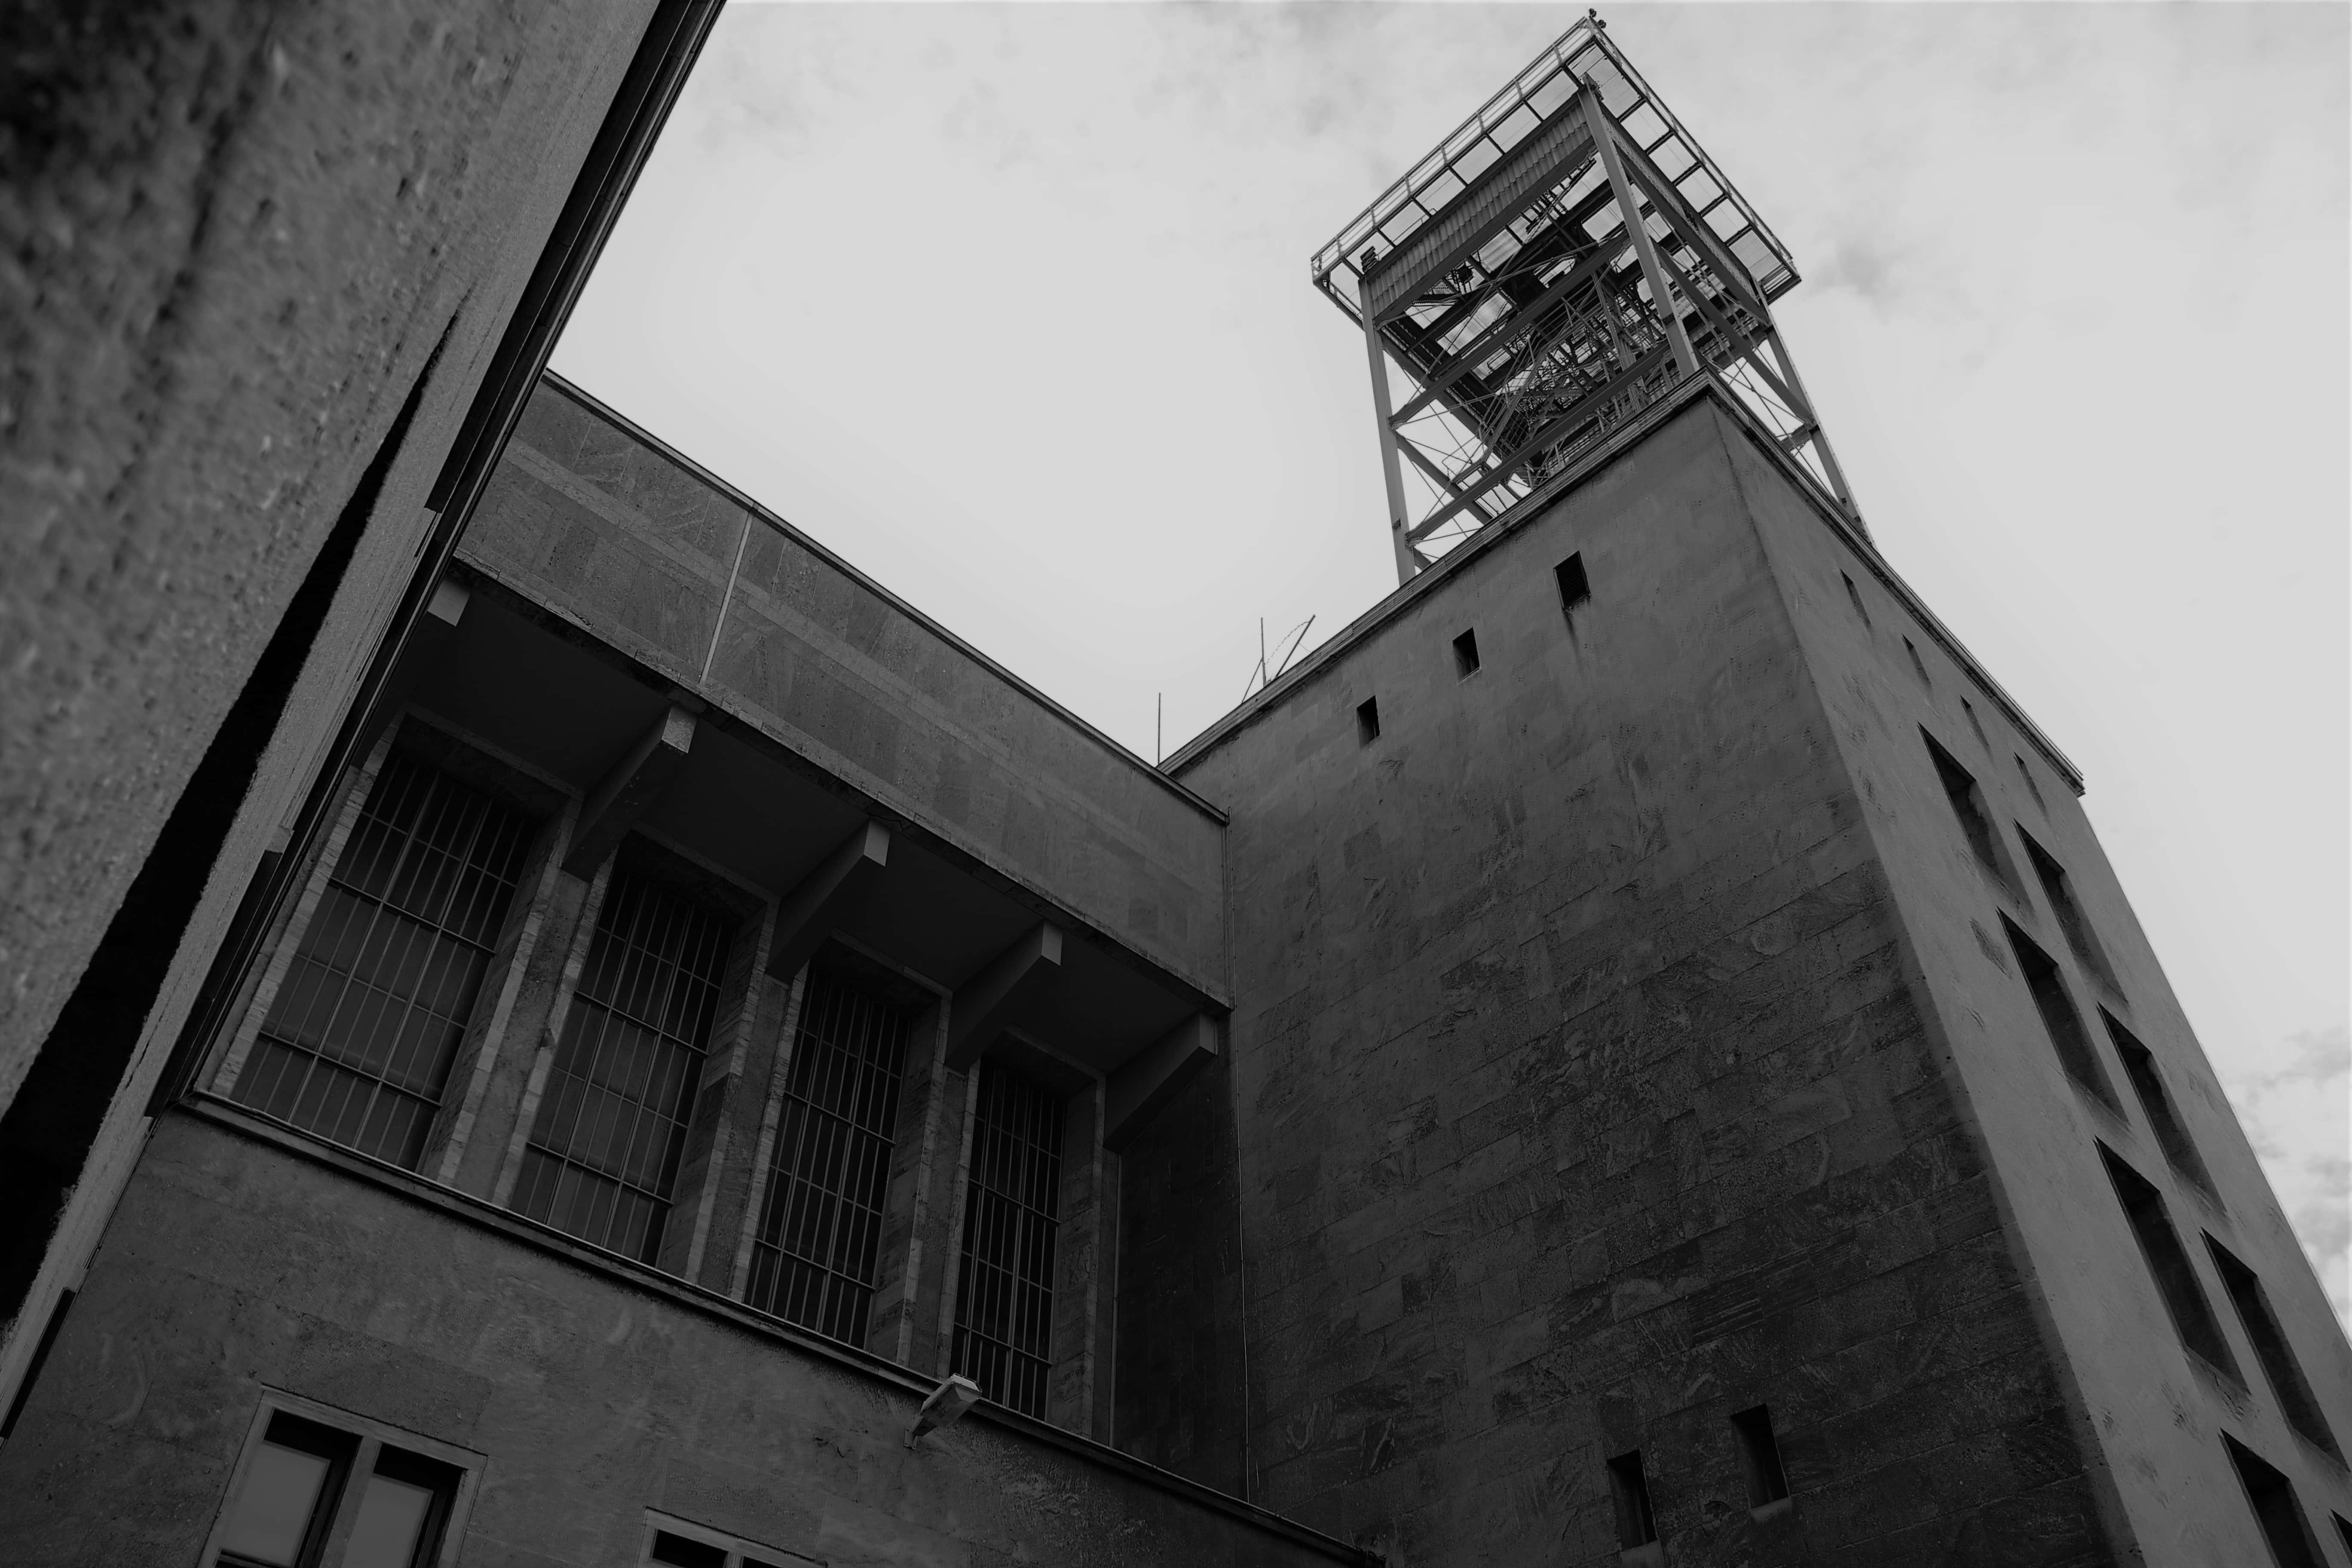 Flughafen Tempelhof 2